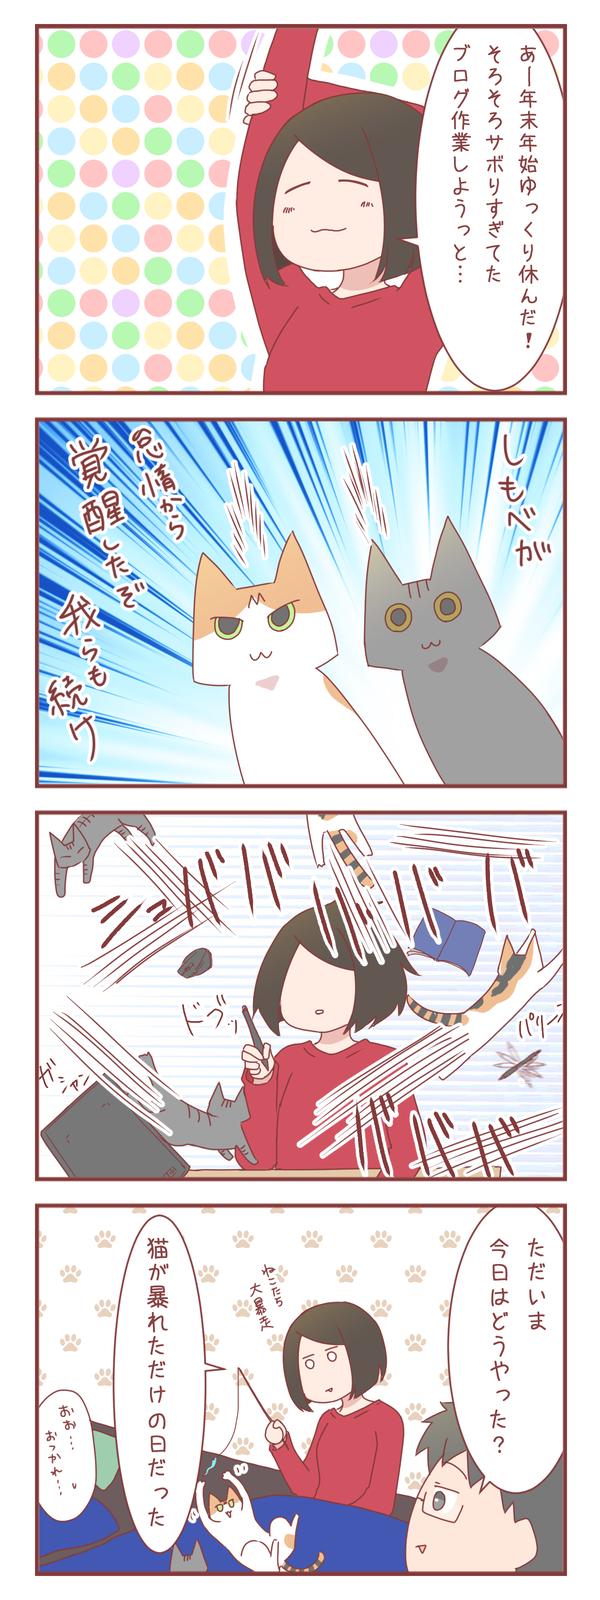 ヒトが覚醒するタイミングで猫も覚醒するので